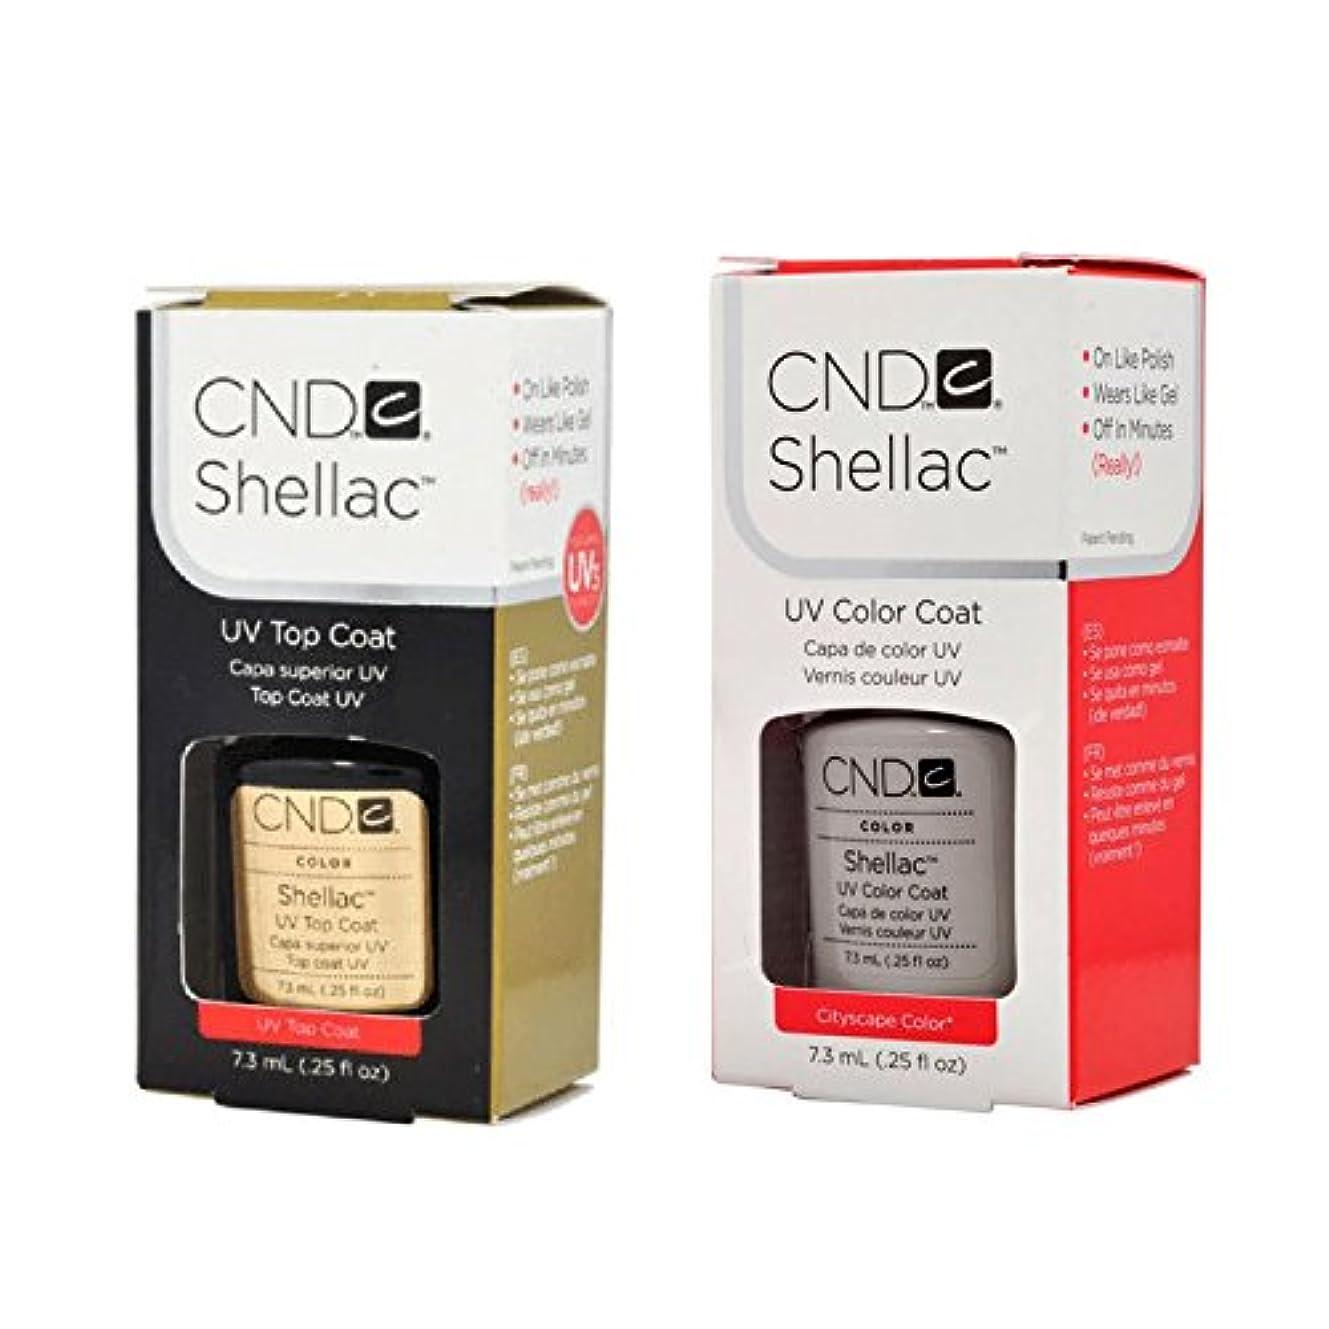 びっくりする強制改善CND Shellac UVトップコート 7.3m l  &  UV カラーコー< Cityscape>7.3ml [海外直送品]